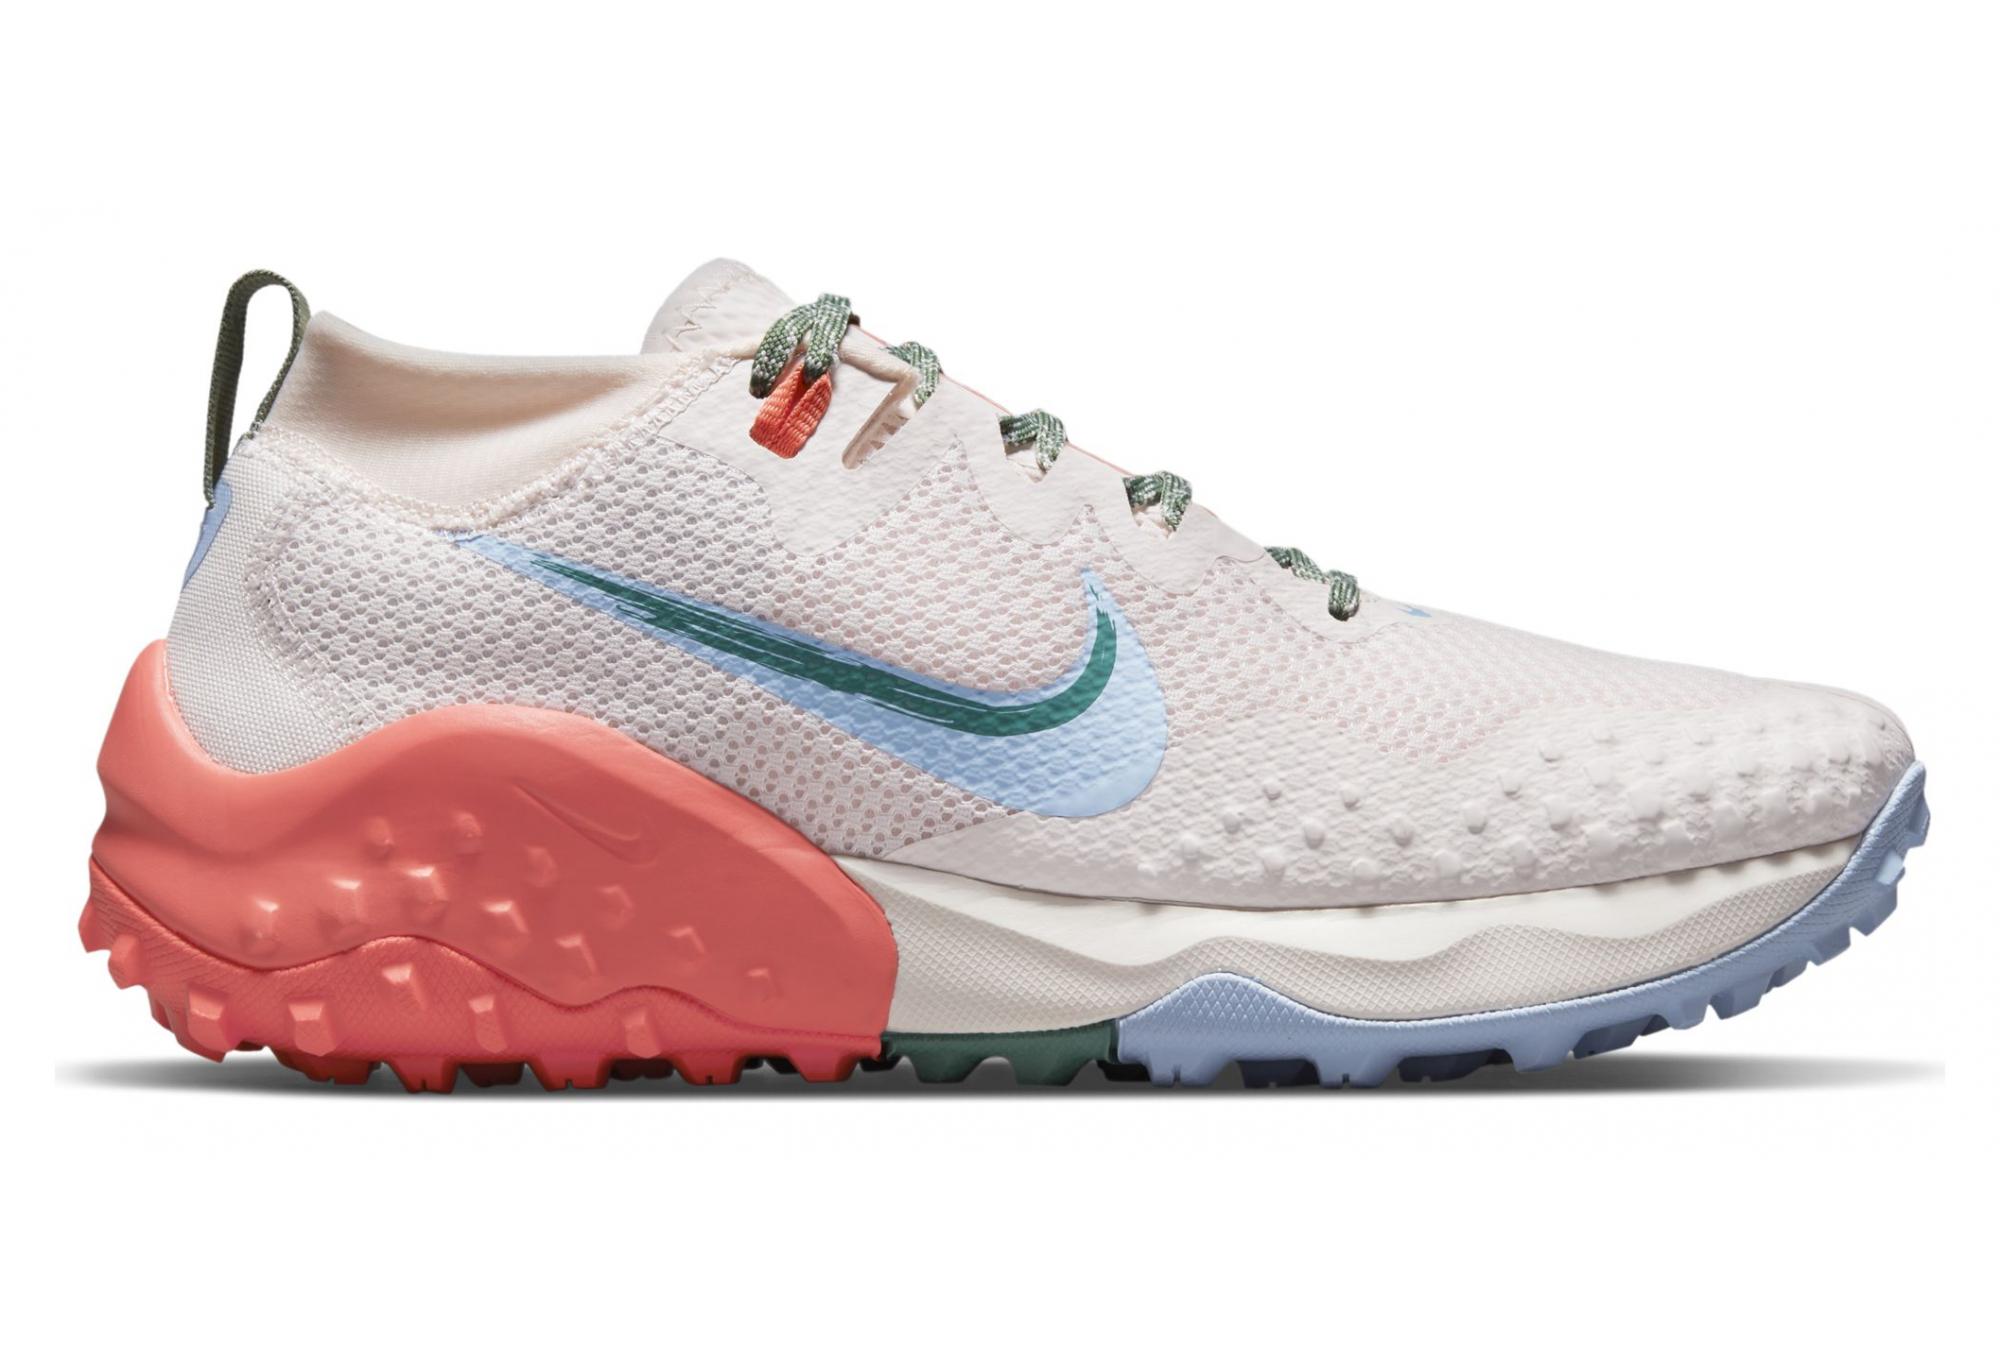 Chaussures de Trail Femme Nike Wildhorse 7 Rose / Bleu | Alltricks.fr